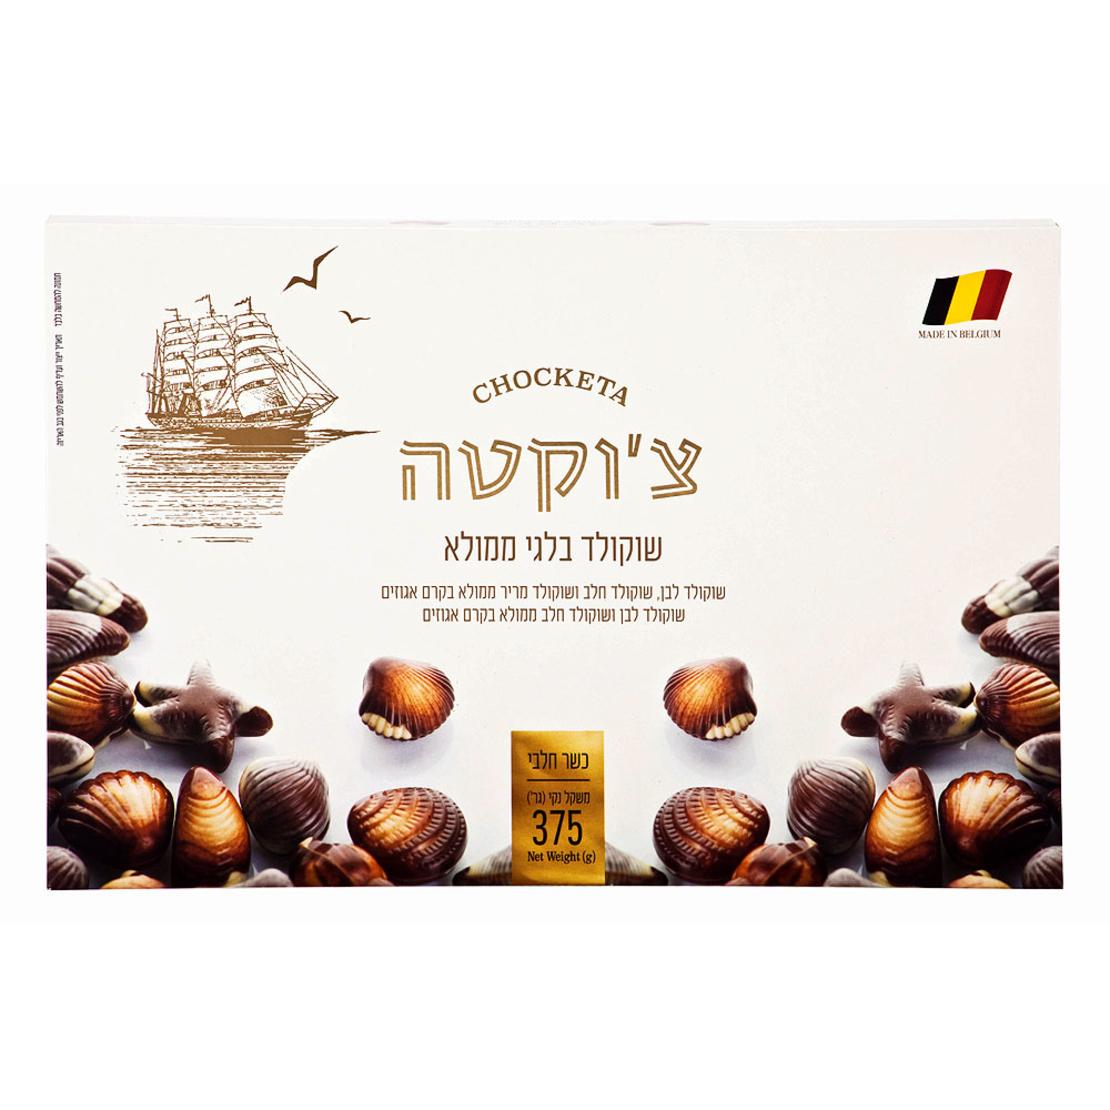 צ׳וקטה - שוקולד בלגי ממולא